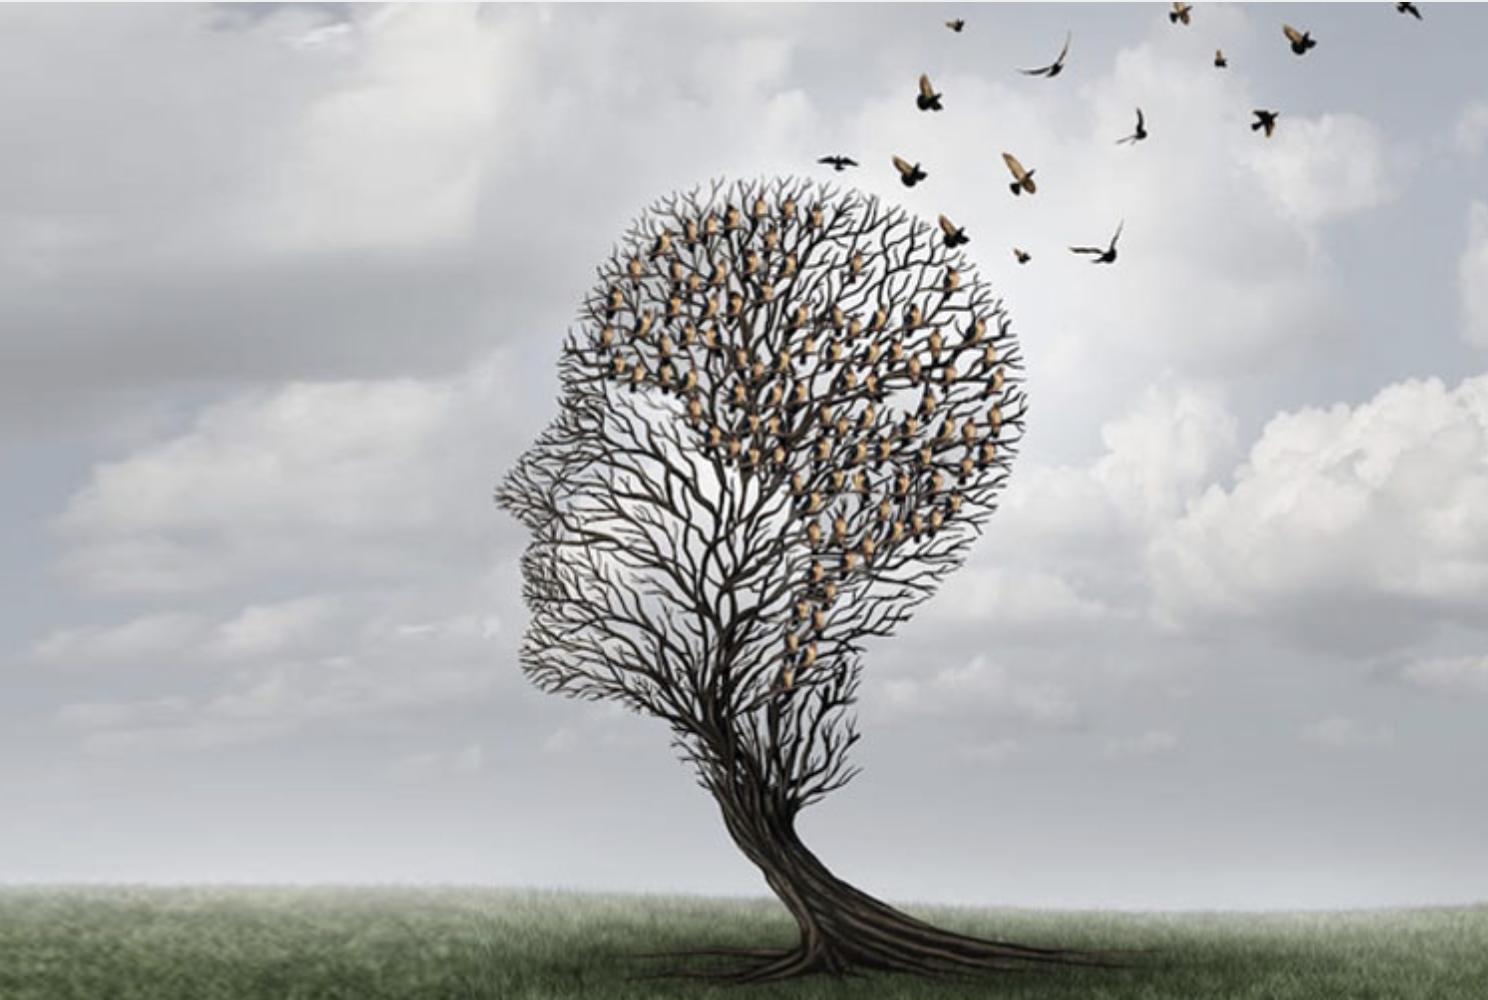 Αλτσχάιμερ: Αυτή η διατροφή μπορεί να μειώσει τον κίνδυνο της νόσου